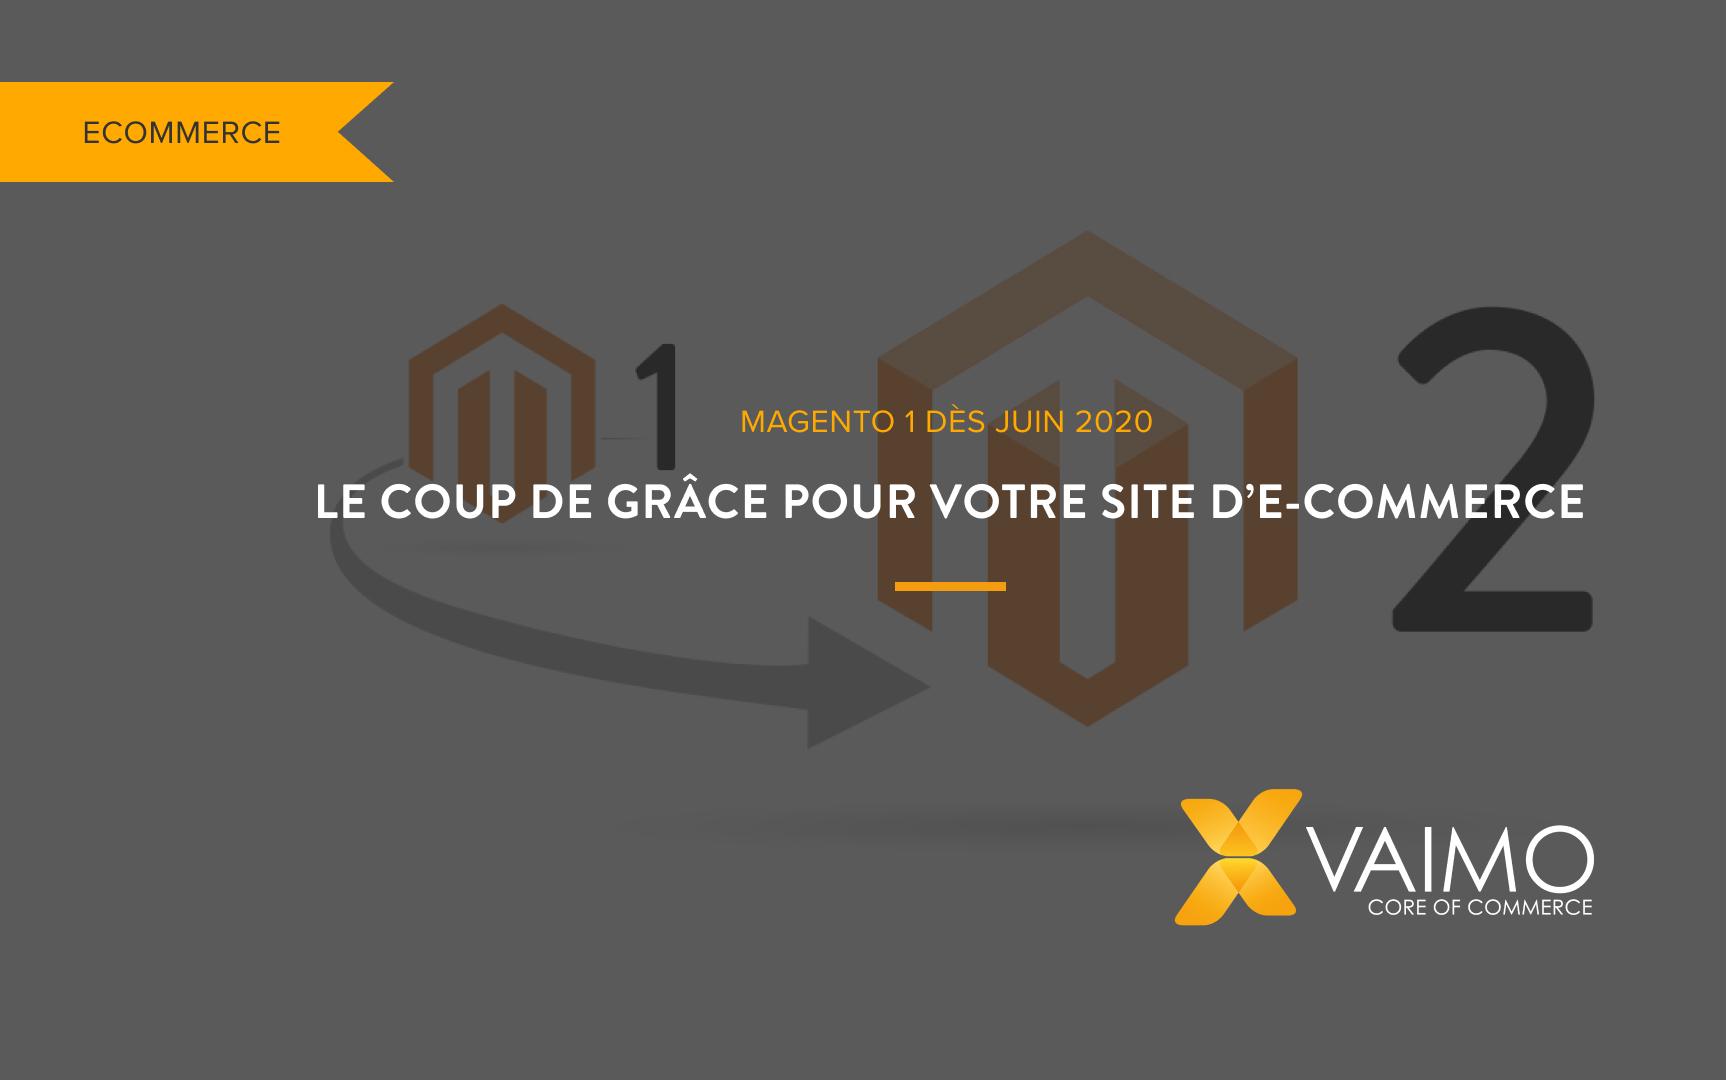 Magento 1 dès juin 2020 le coup de grâce pour votre site d'e-commerce